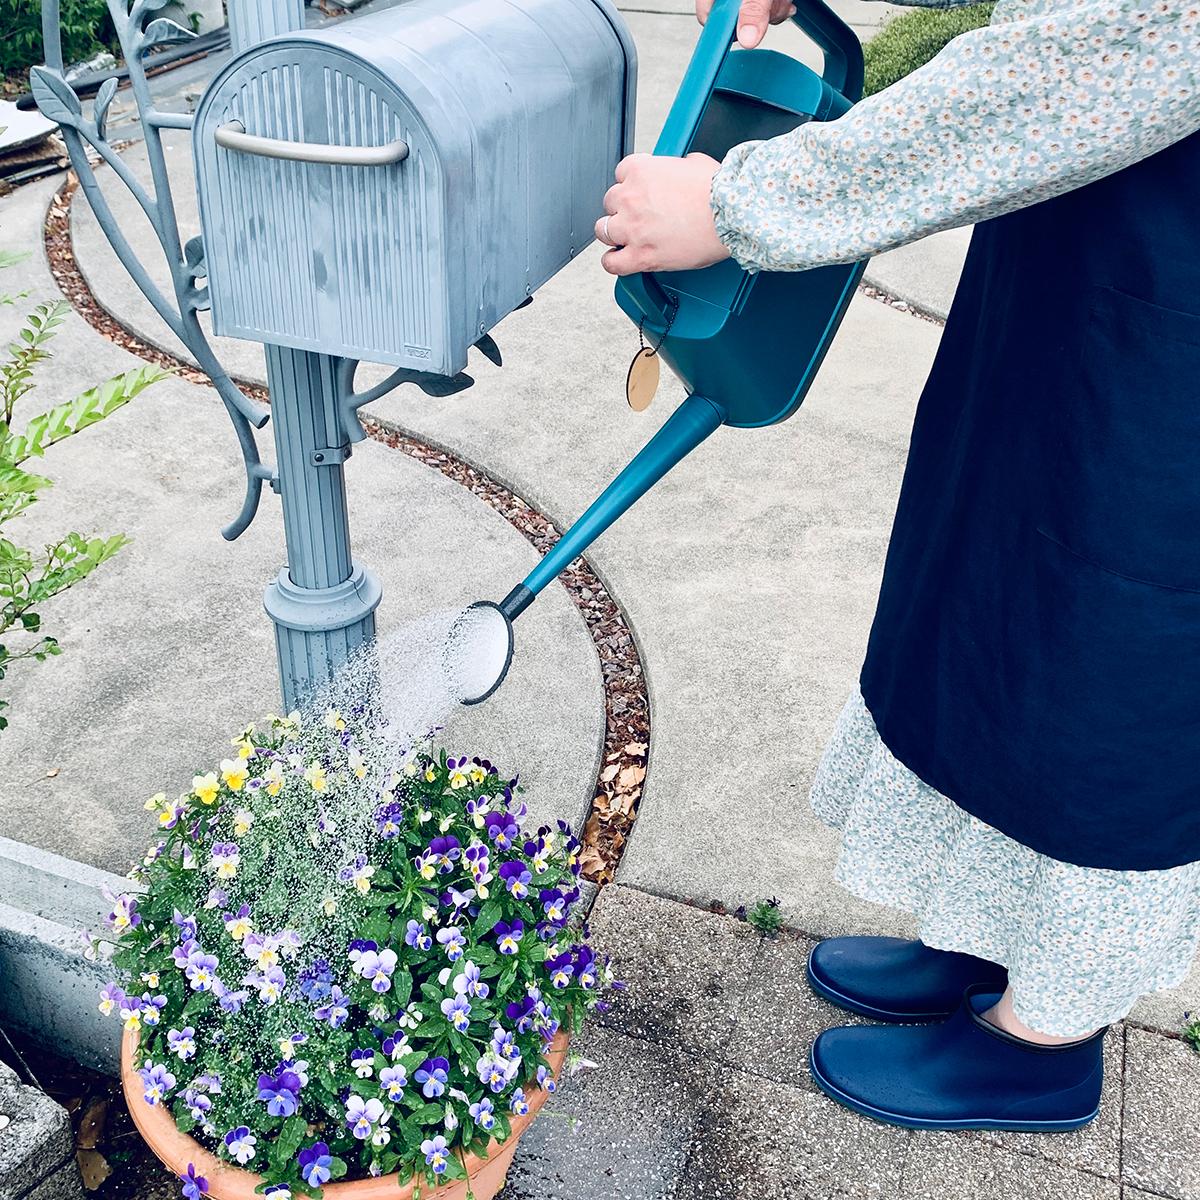 心地よい水やりセラピーで、リラックス。植物にやさしい、繊細な雨のような自然な水流のジョウロ|Royal Gardeners Club